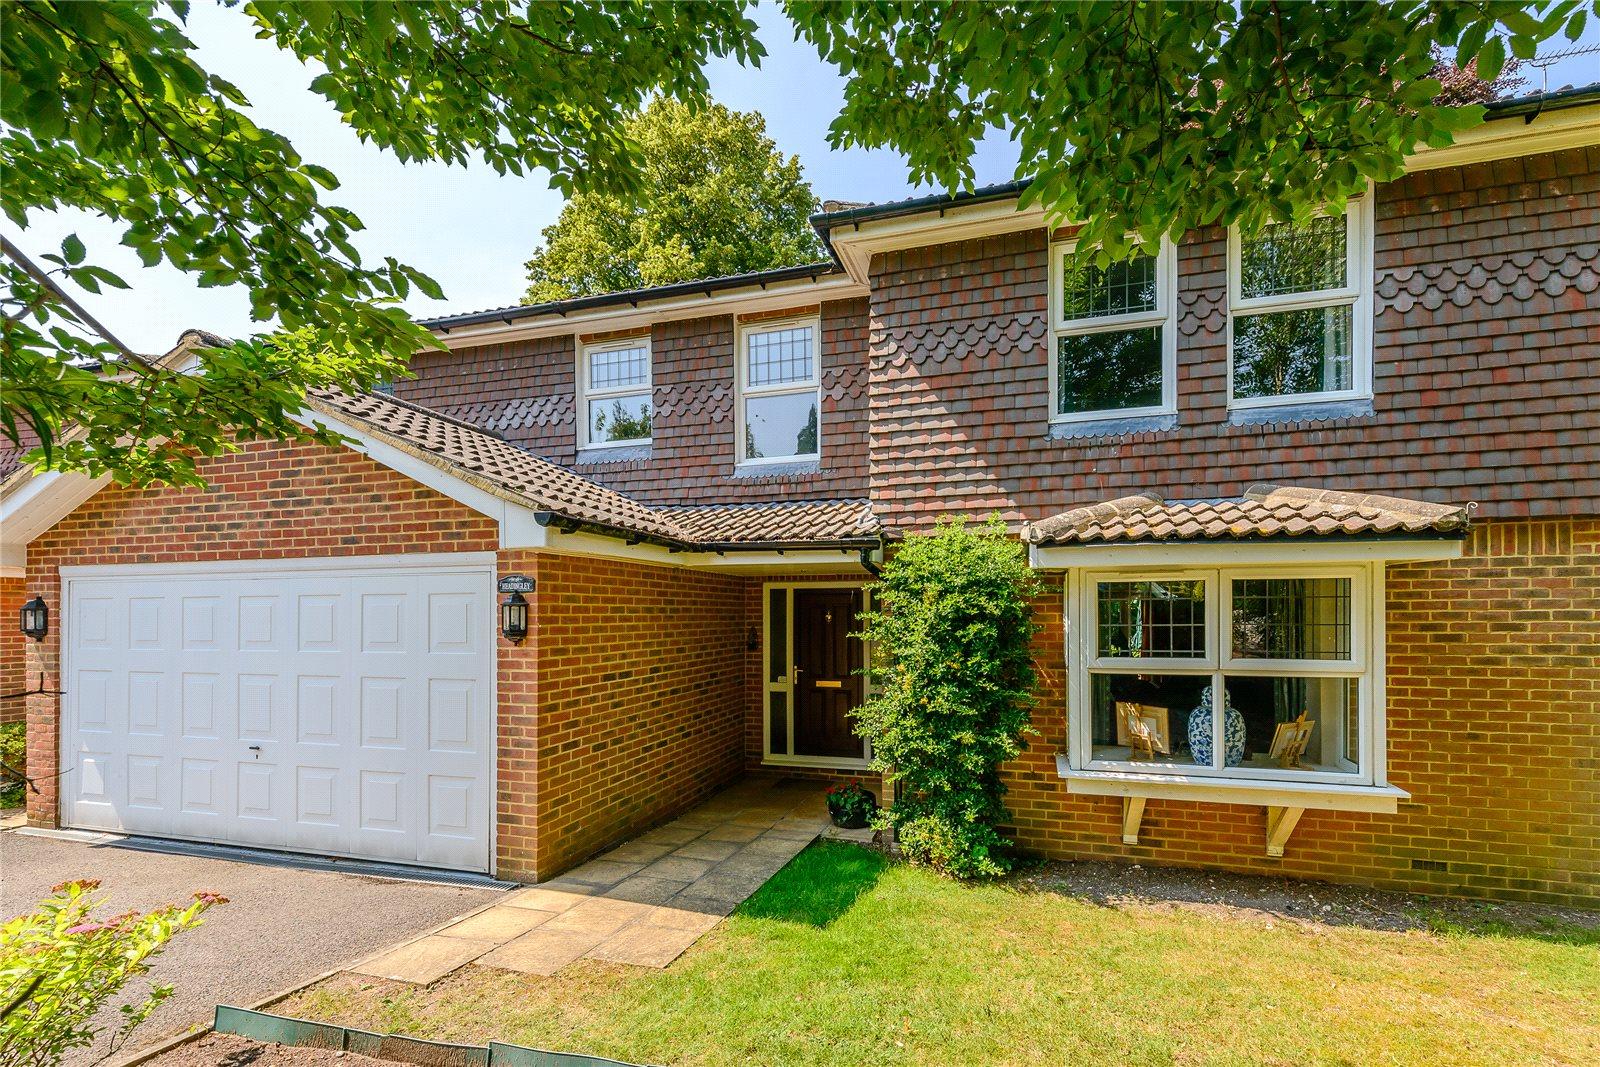 Частный дом для того Продажа на Ferndown Close, Guildford, Surrey, GU1 Guildford, Англия